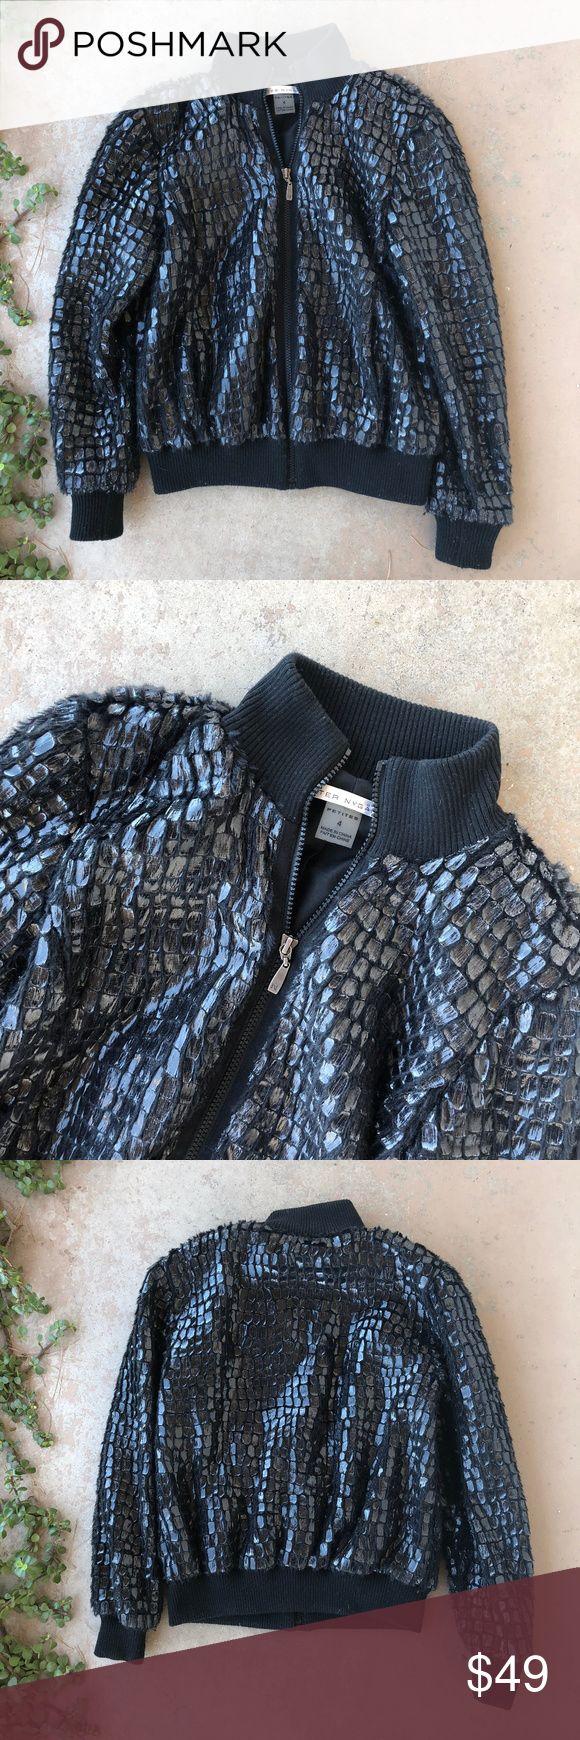 Peter Nygard Metallic Mirror Fur Bomber Jacket Black fur